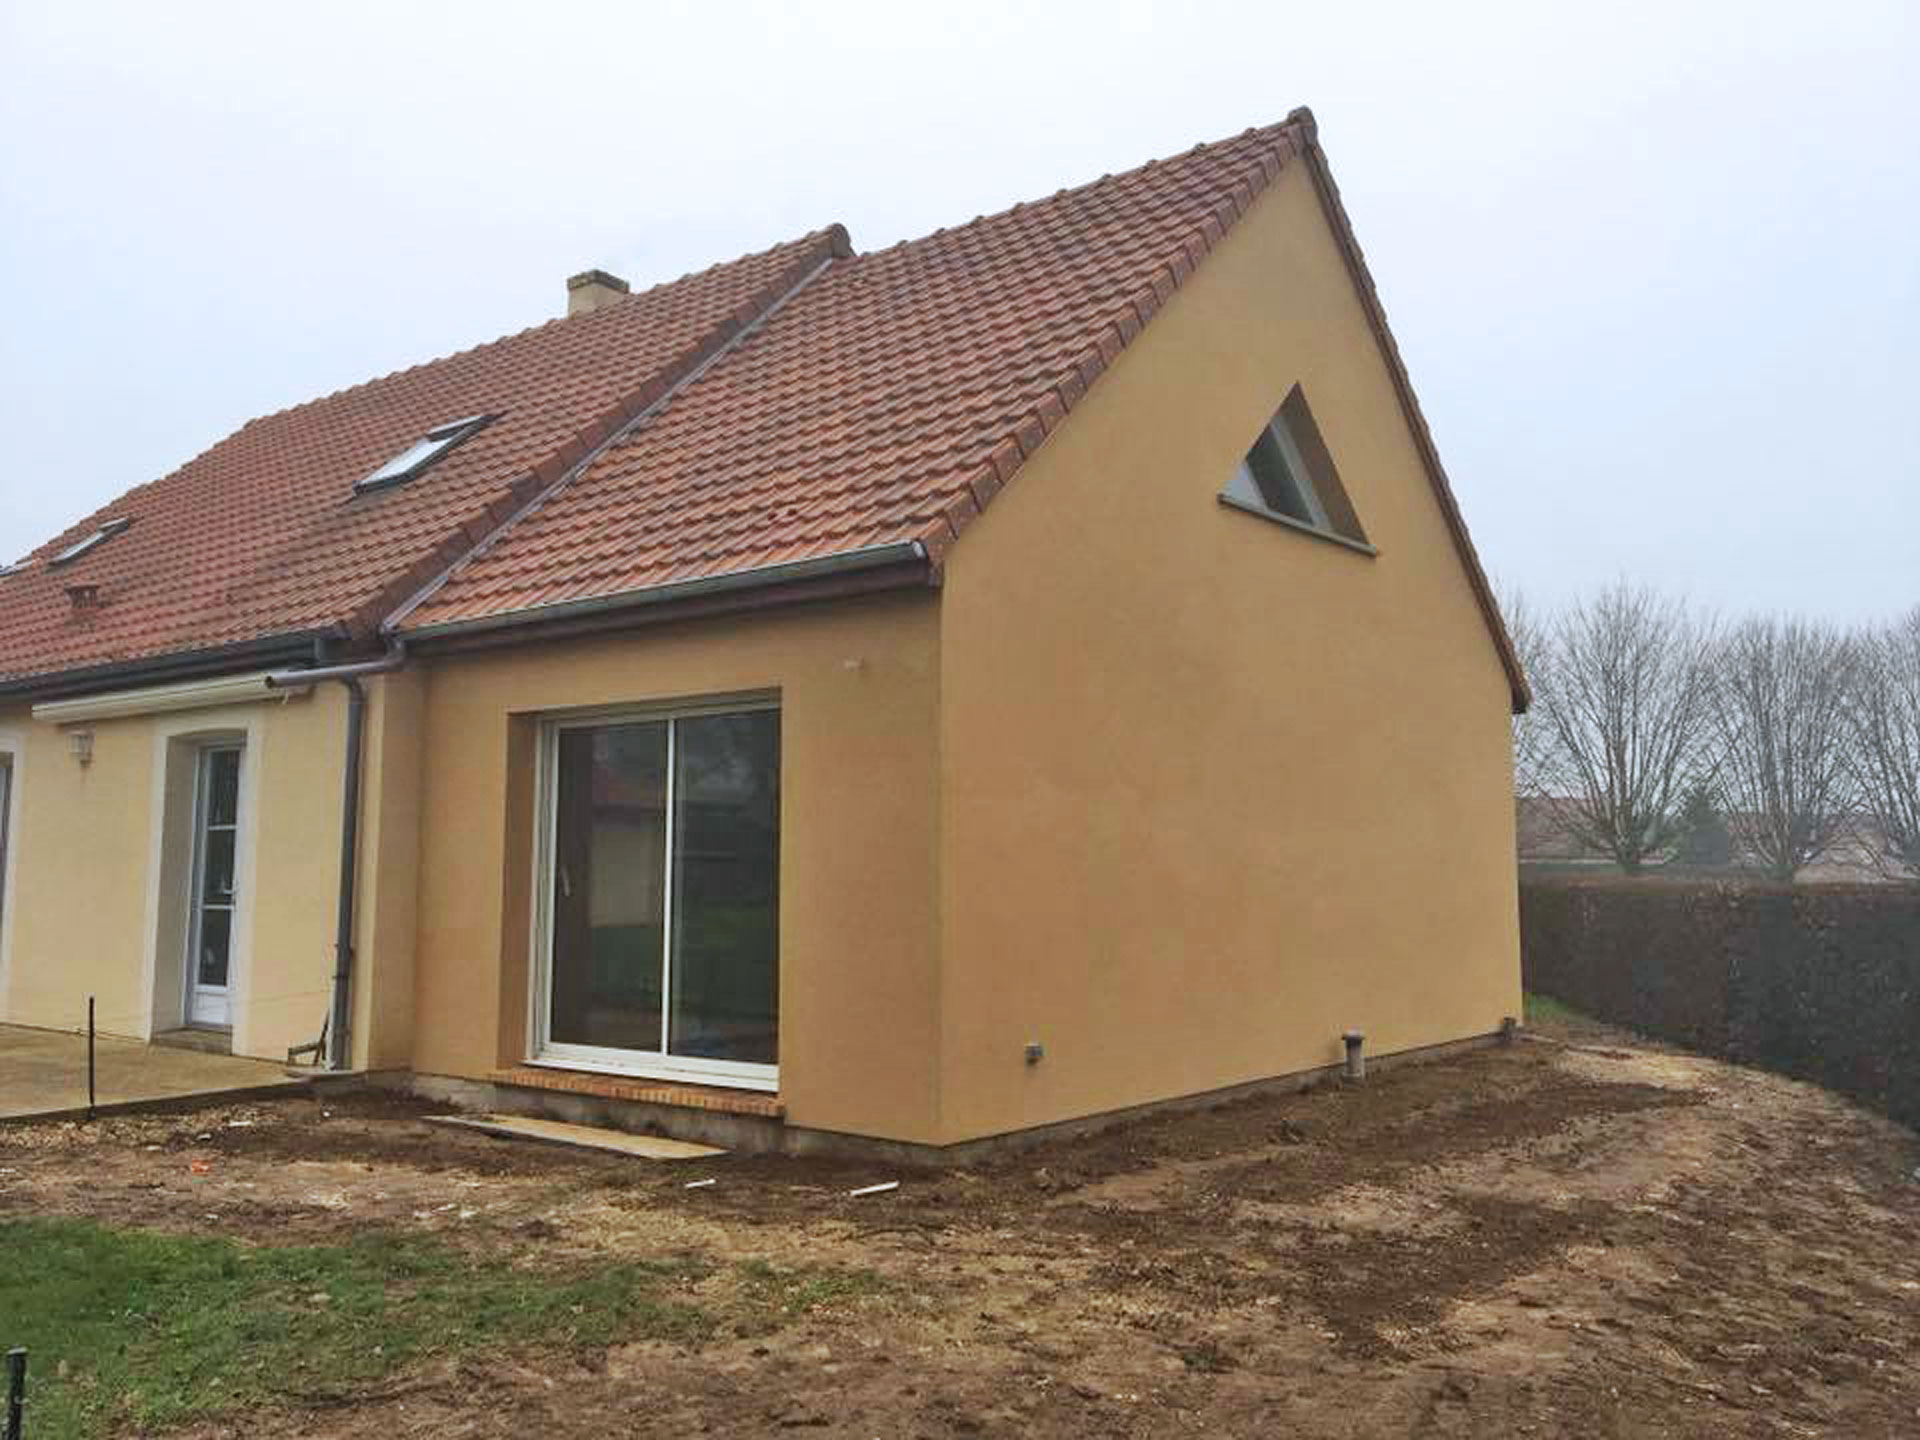 Extension et r novation de maison pr s de chartres 28000 for Extension maison tuile